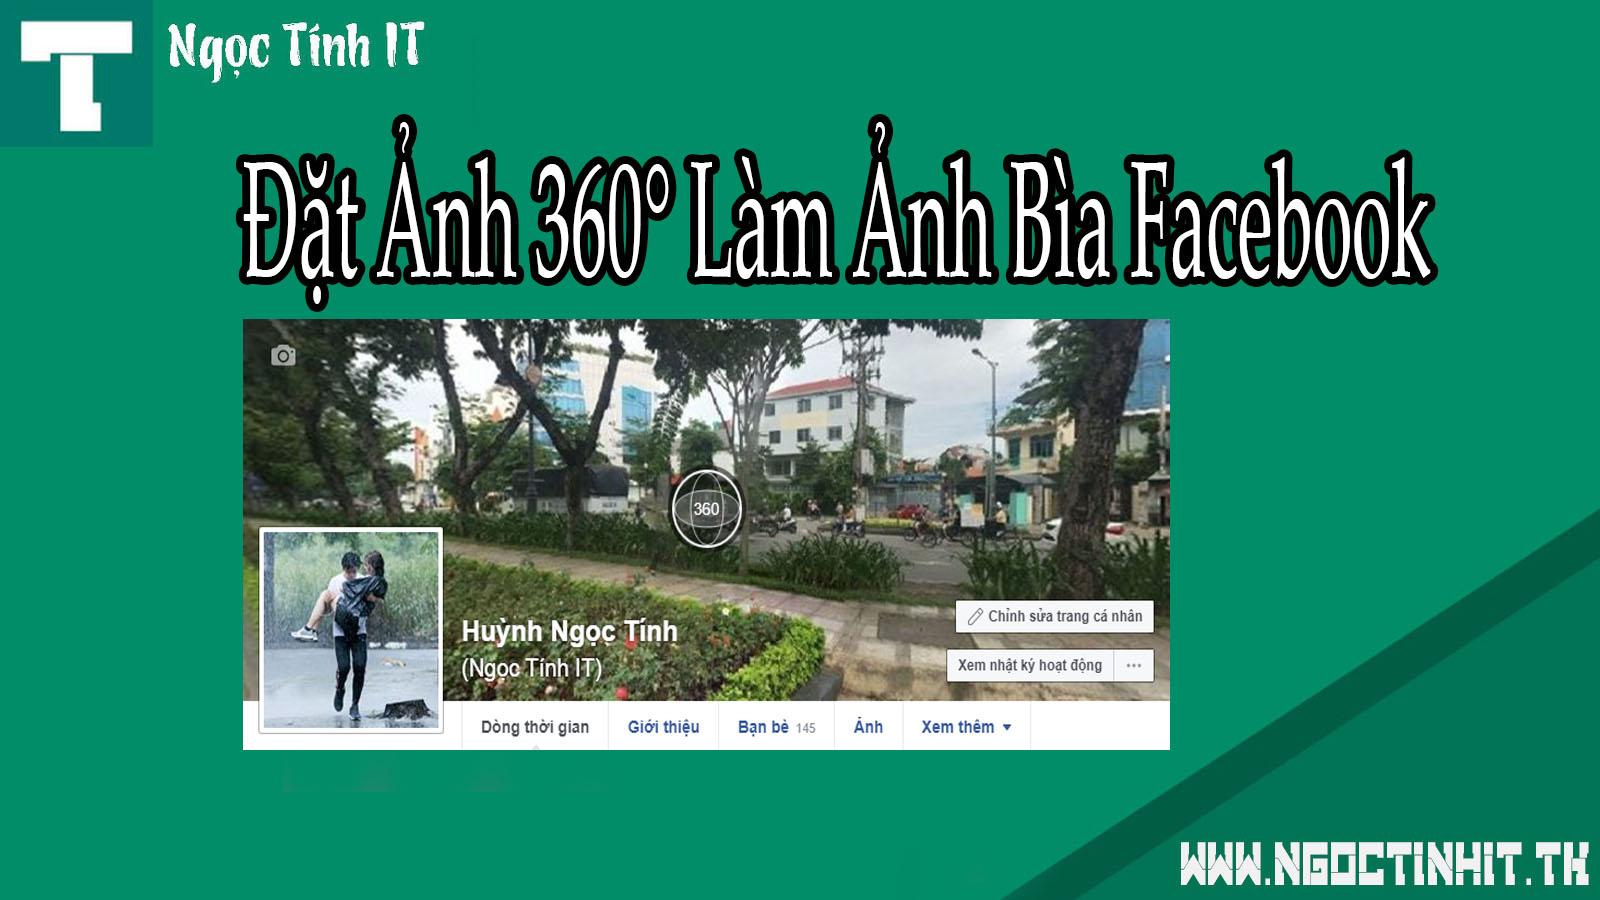 ĐẶT ẢNH 360° LÀM ẢNH BÌA FACEBOOK